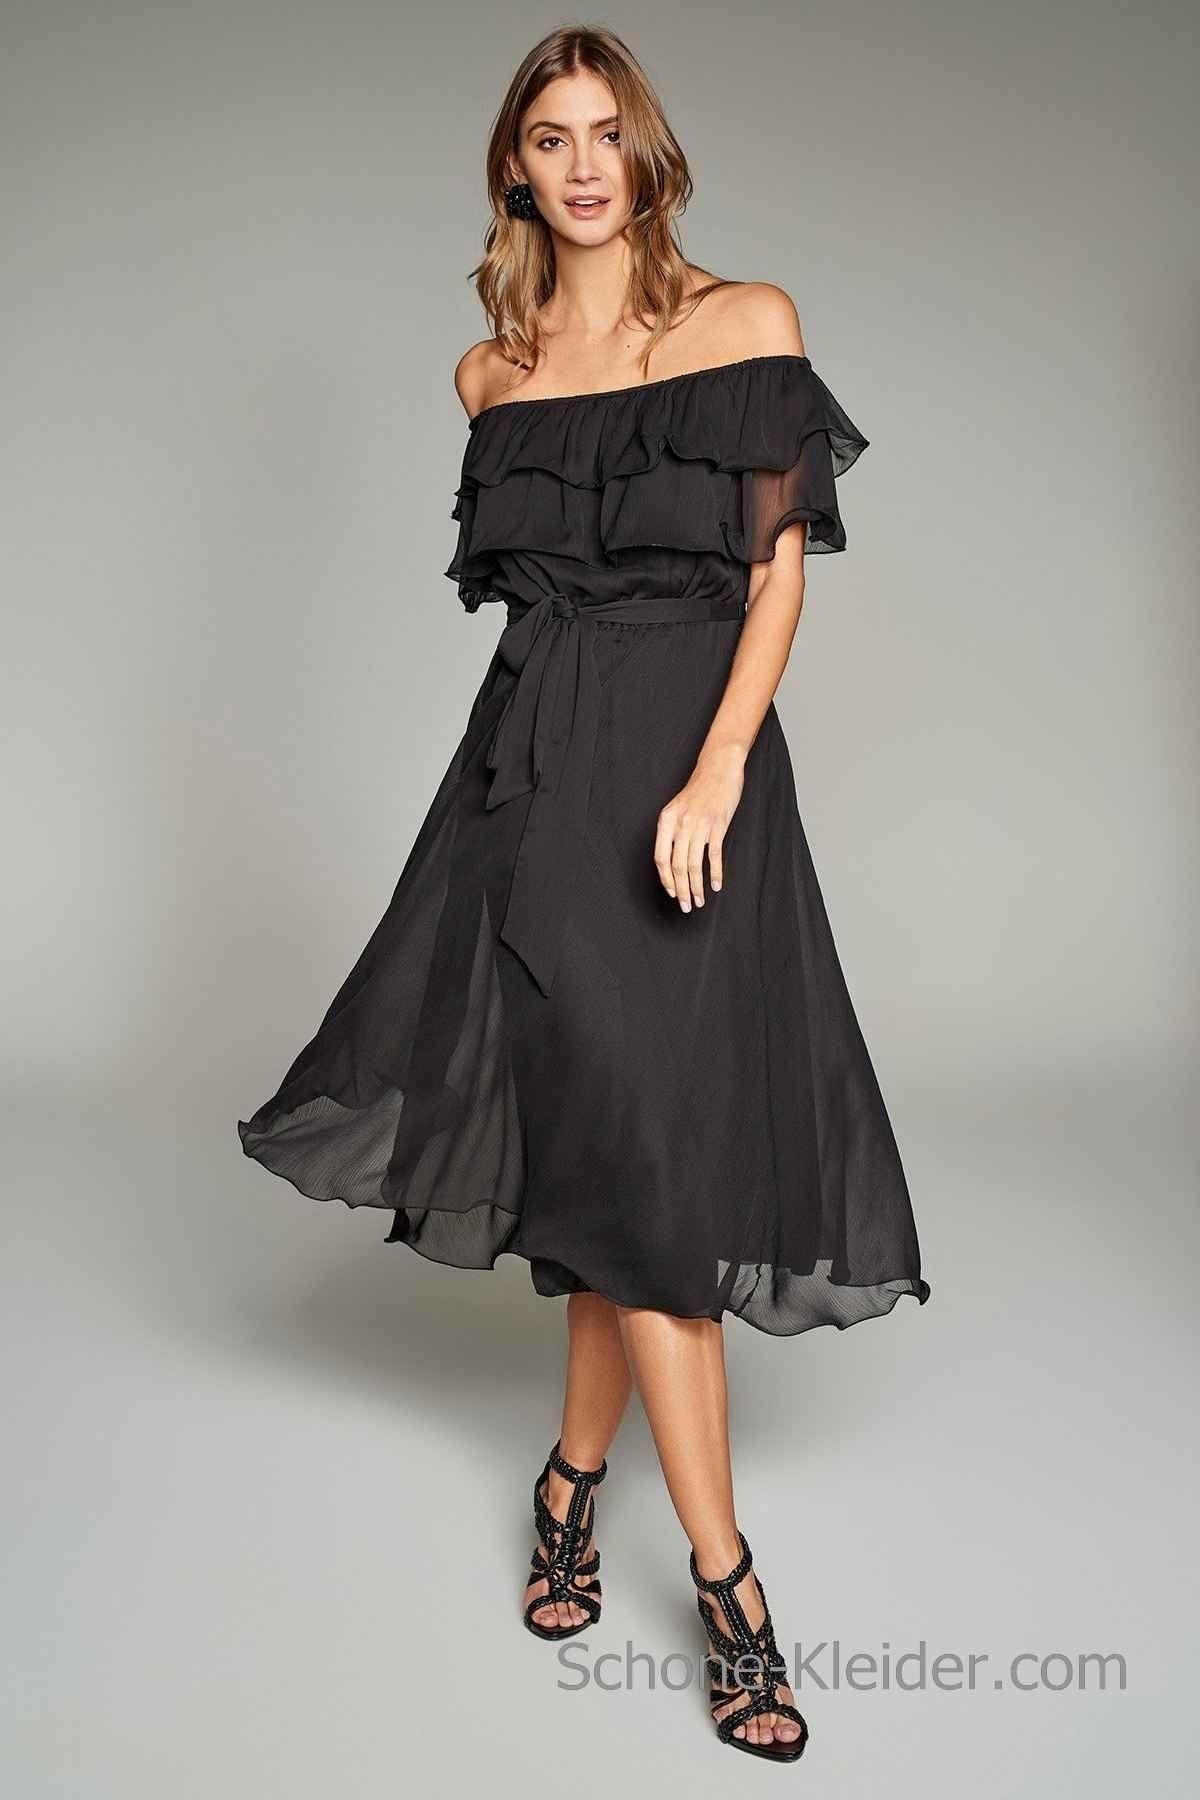 Designer Genial Schöne Kleider BoutiqueDesigner Einzigartig Schöne Kleider Design